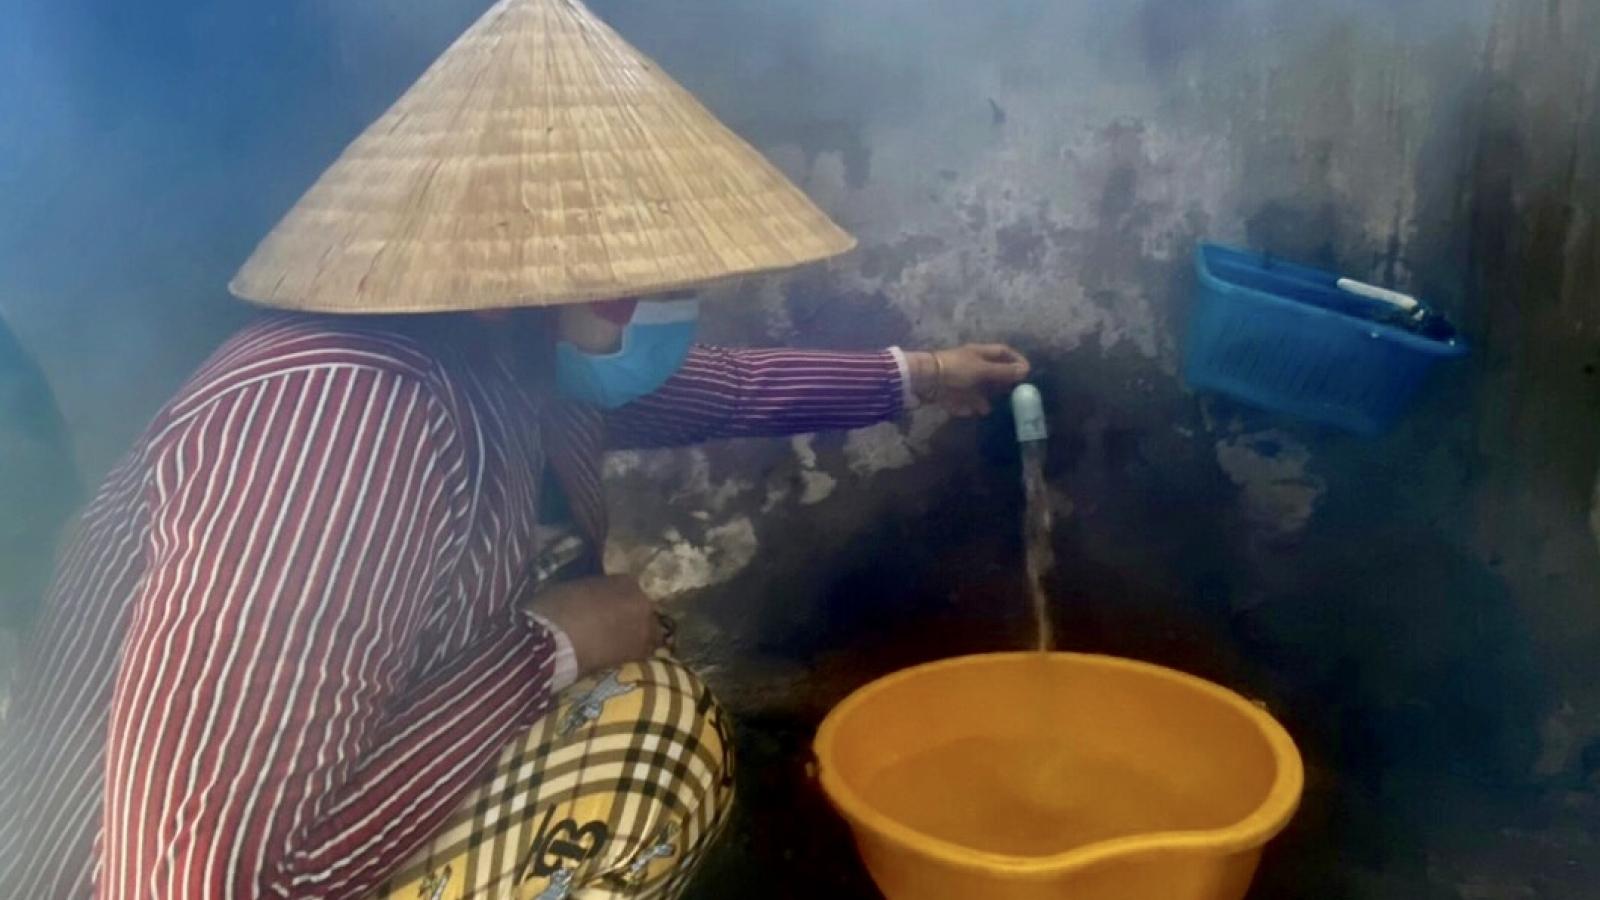 Người dân đồng bằng sông Cửu Long được giảm giá nước sạch